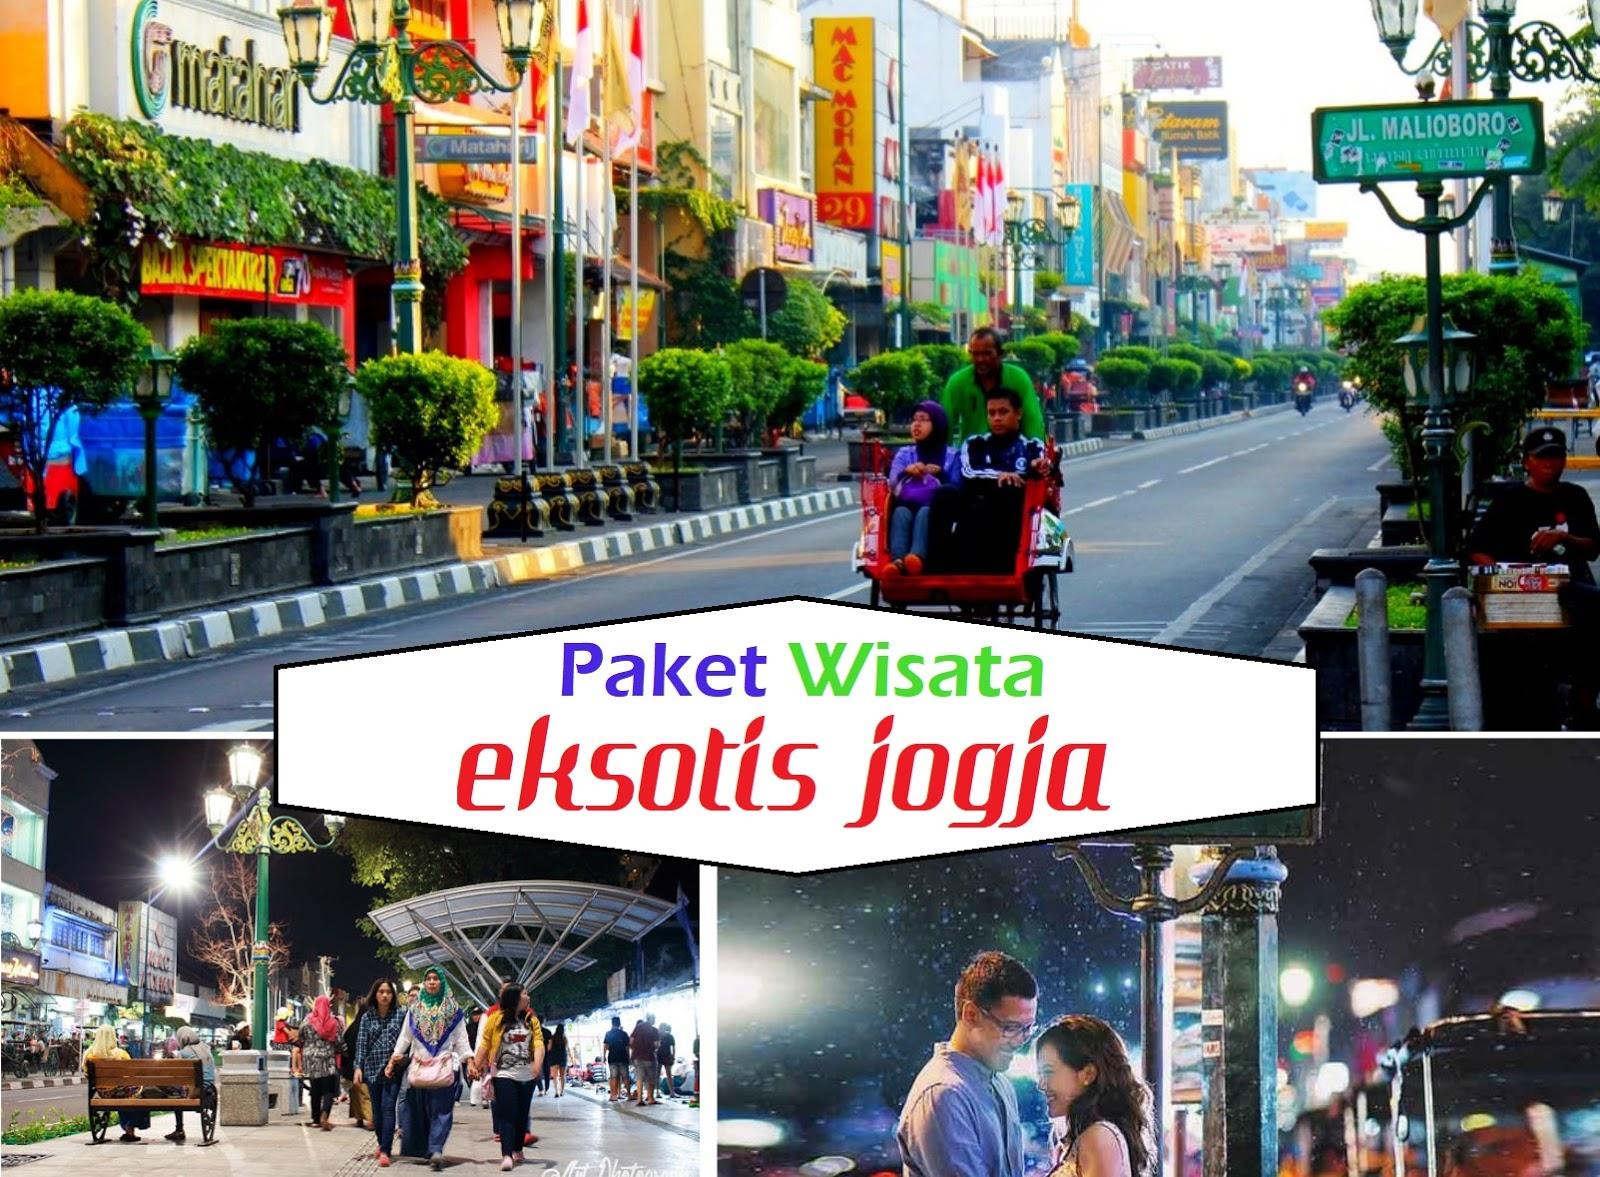 paket wisata di jogja murah Paket Wisata Yogyakarta Murah Paket Tour Eksotis Jogja